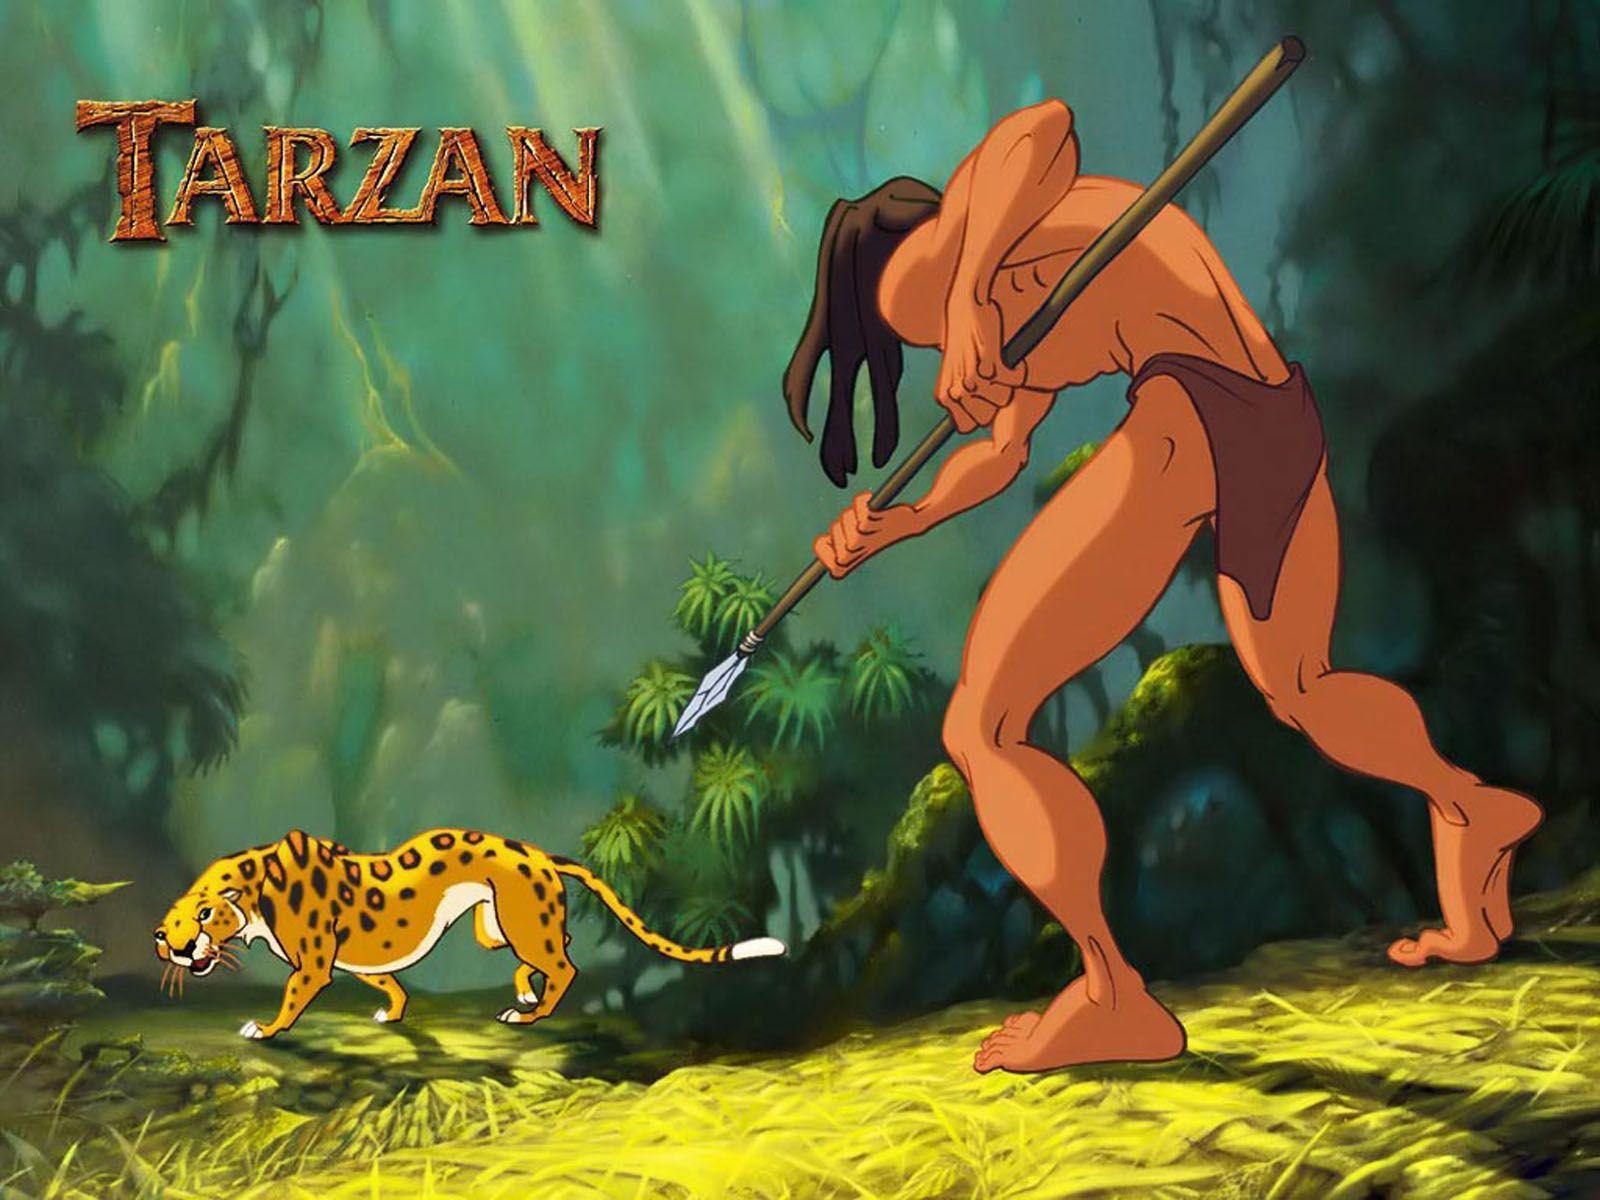 تحميل لعبة الأكشن والمغامرة طرزان - Tarzan